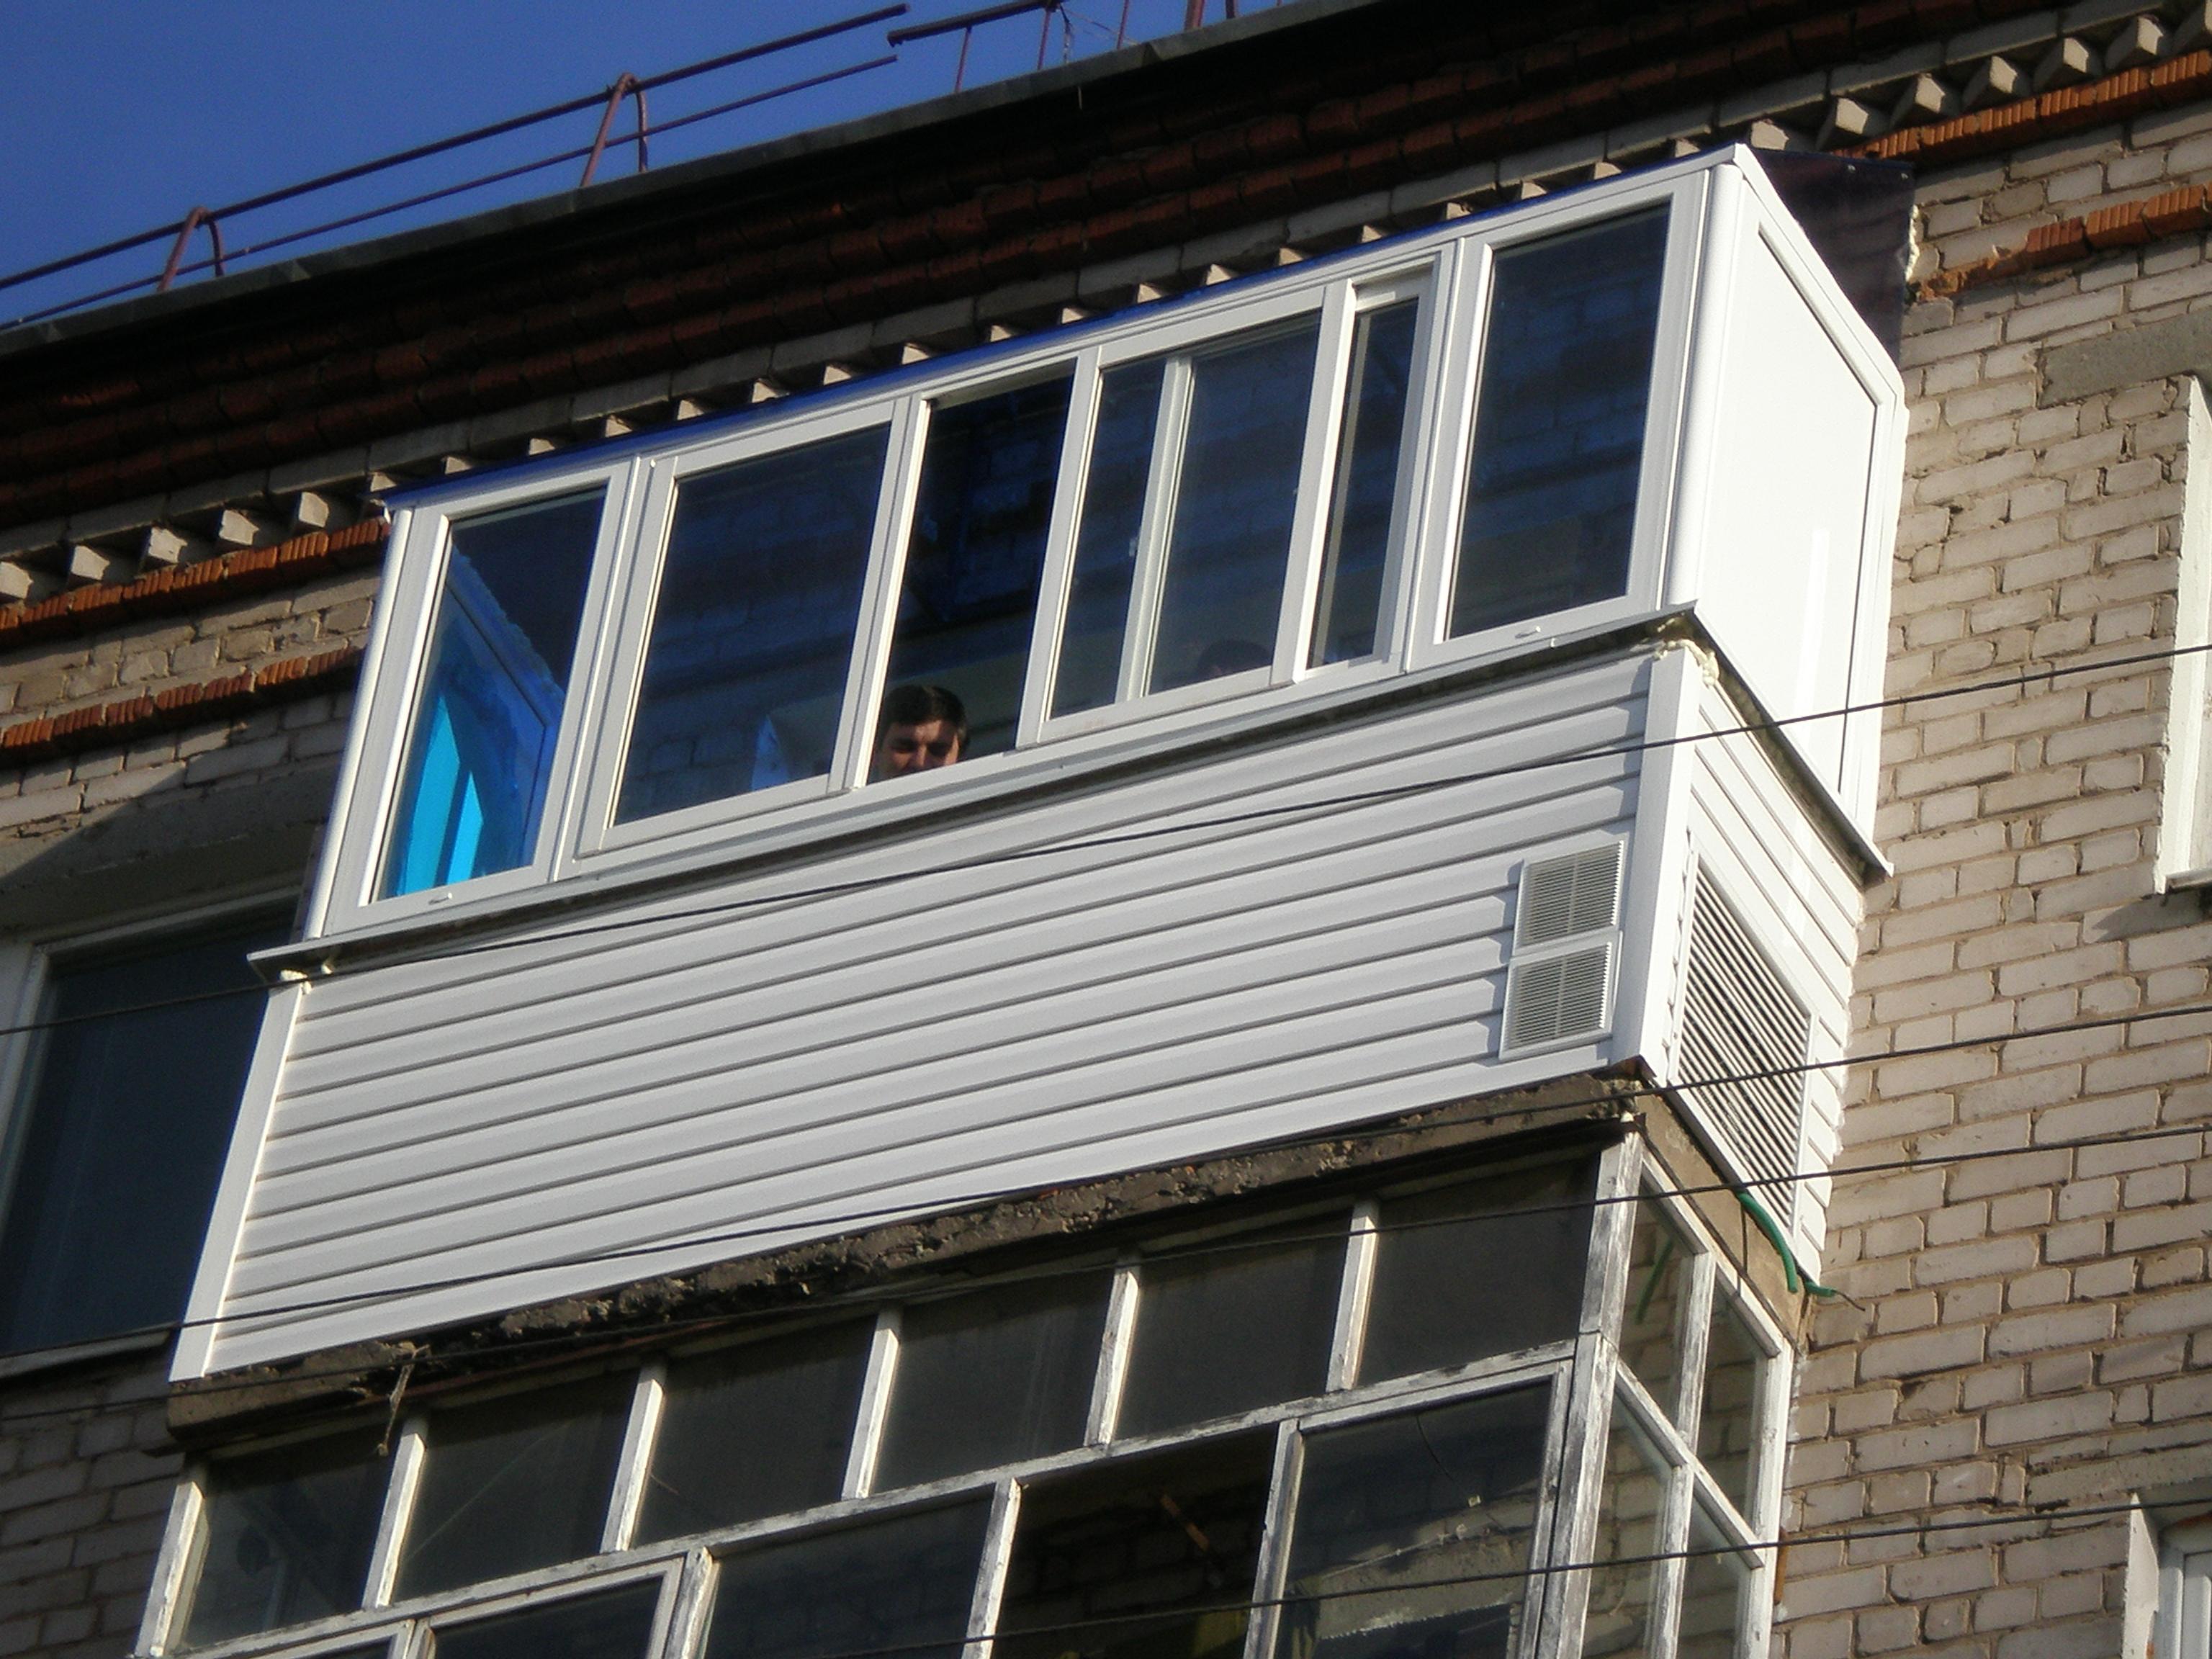 ПВХ профиль SLIDORS для изготовления раздвижных конструкций для остекления балконов и лоджий